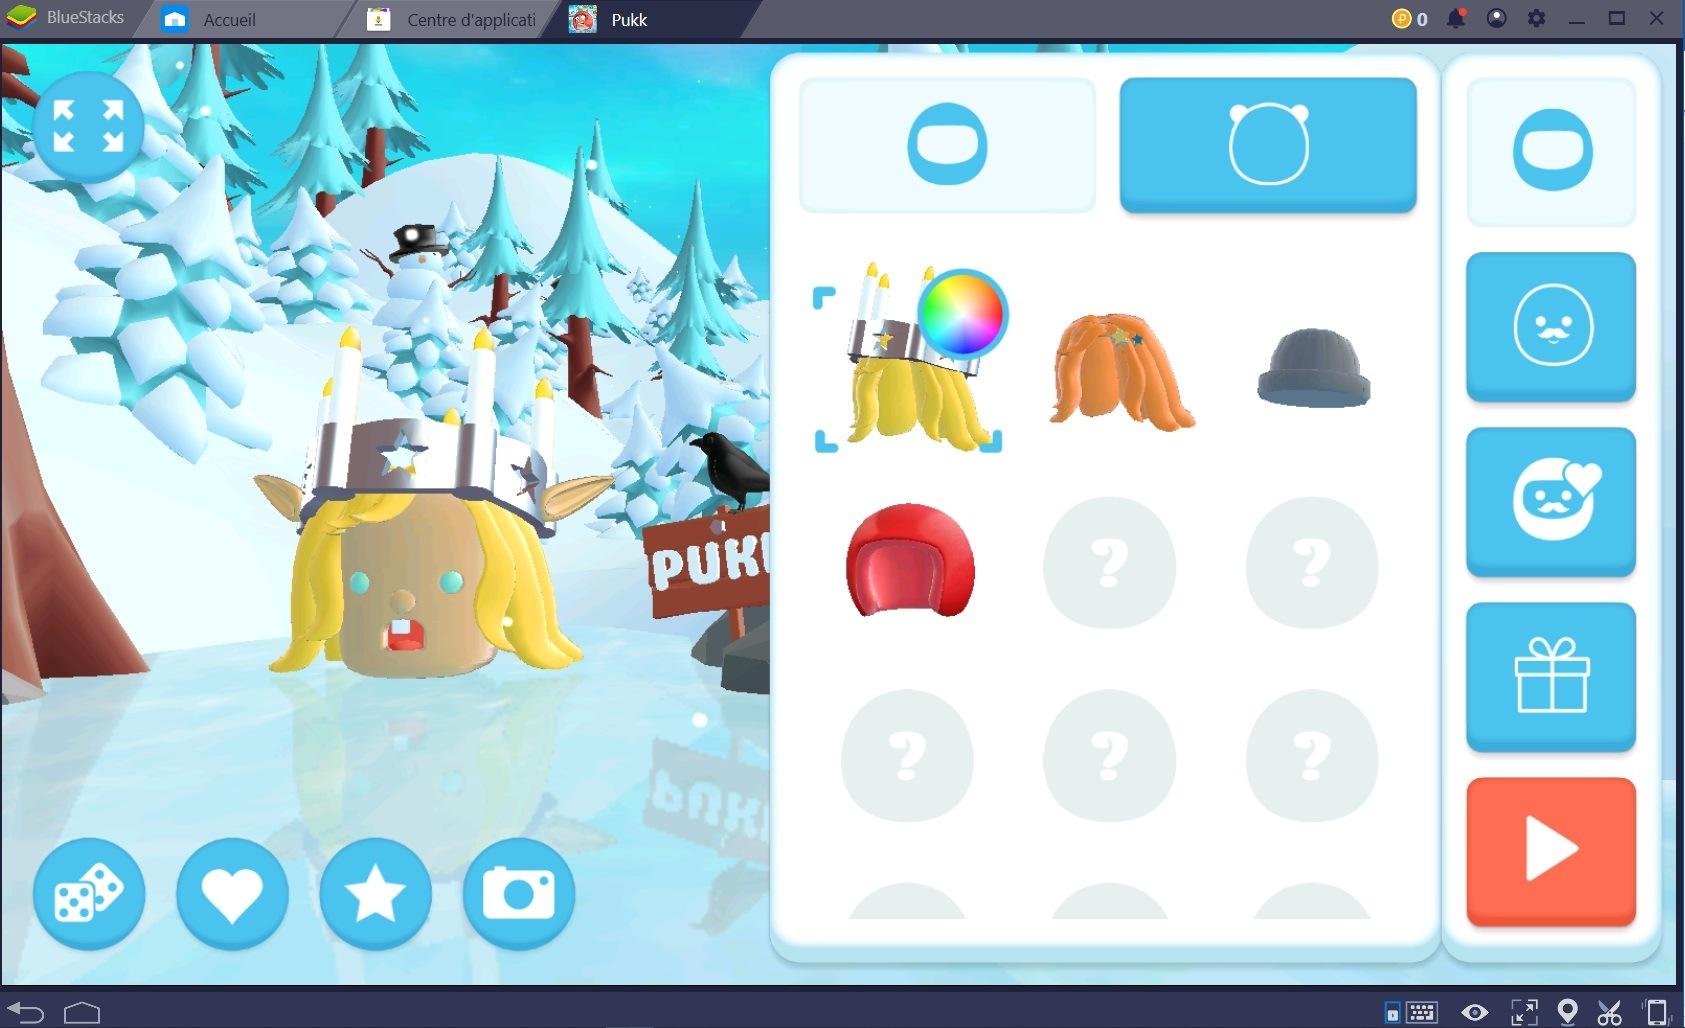 5 jeux mobiles pour retrouver l'ambiance fêtes de fin d'année